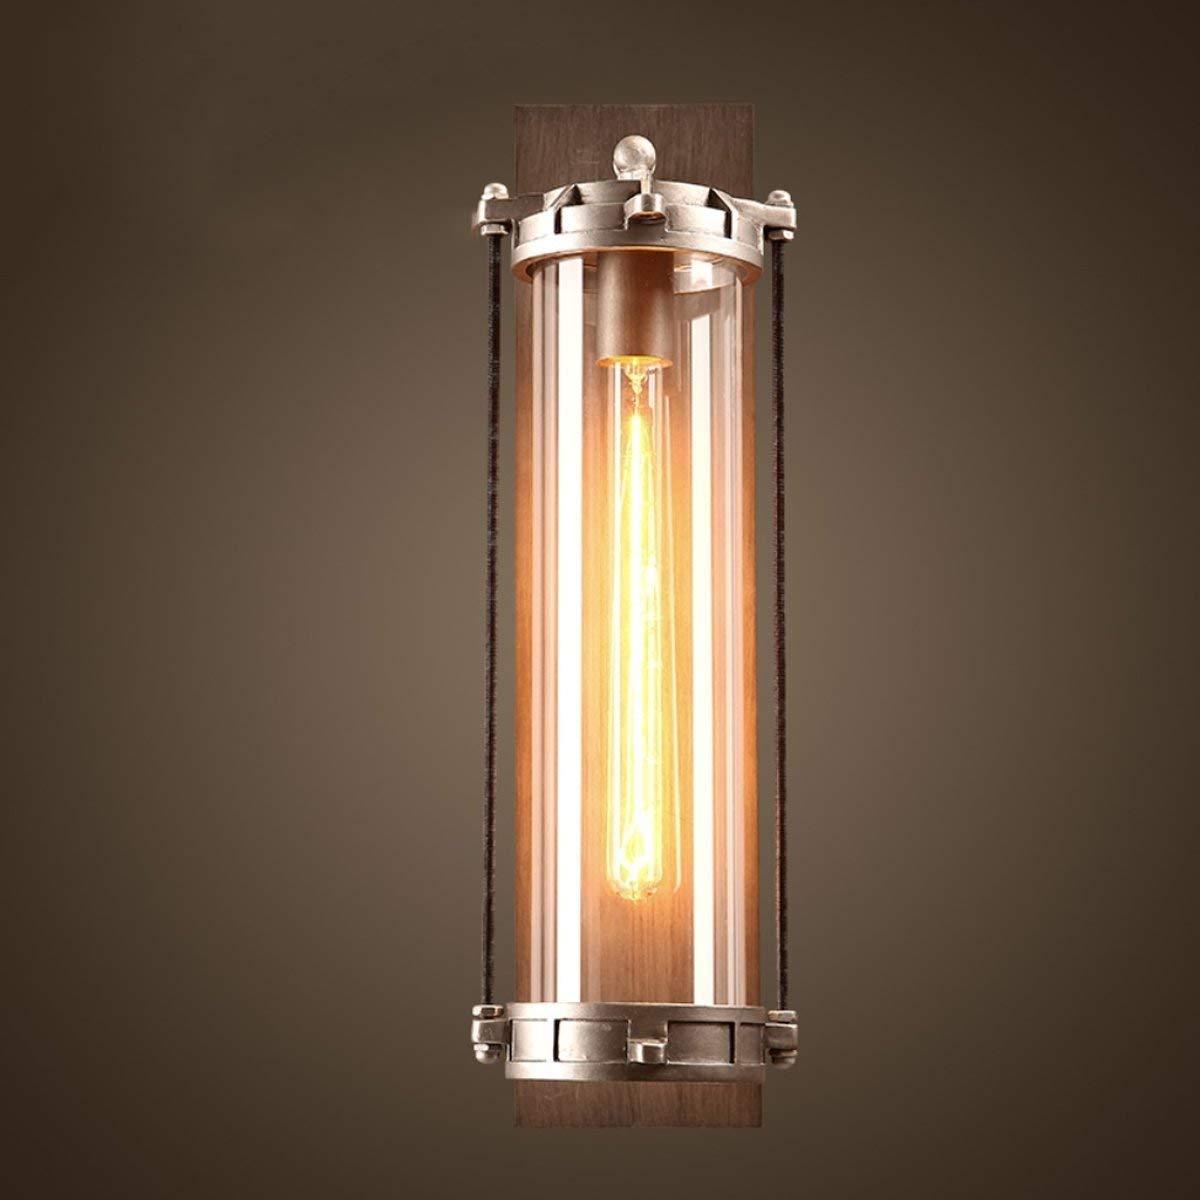 BXJ レトロクリエイティブウォールランプバー通路リビングルームウォールランプE27光源 (Color : A) B07R8KJGSK A